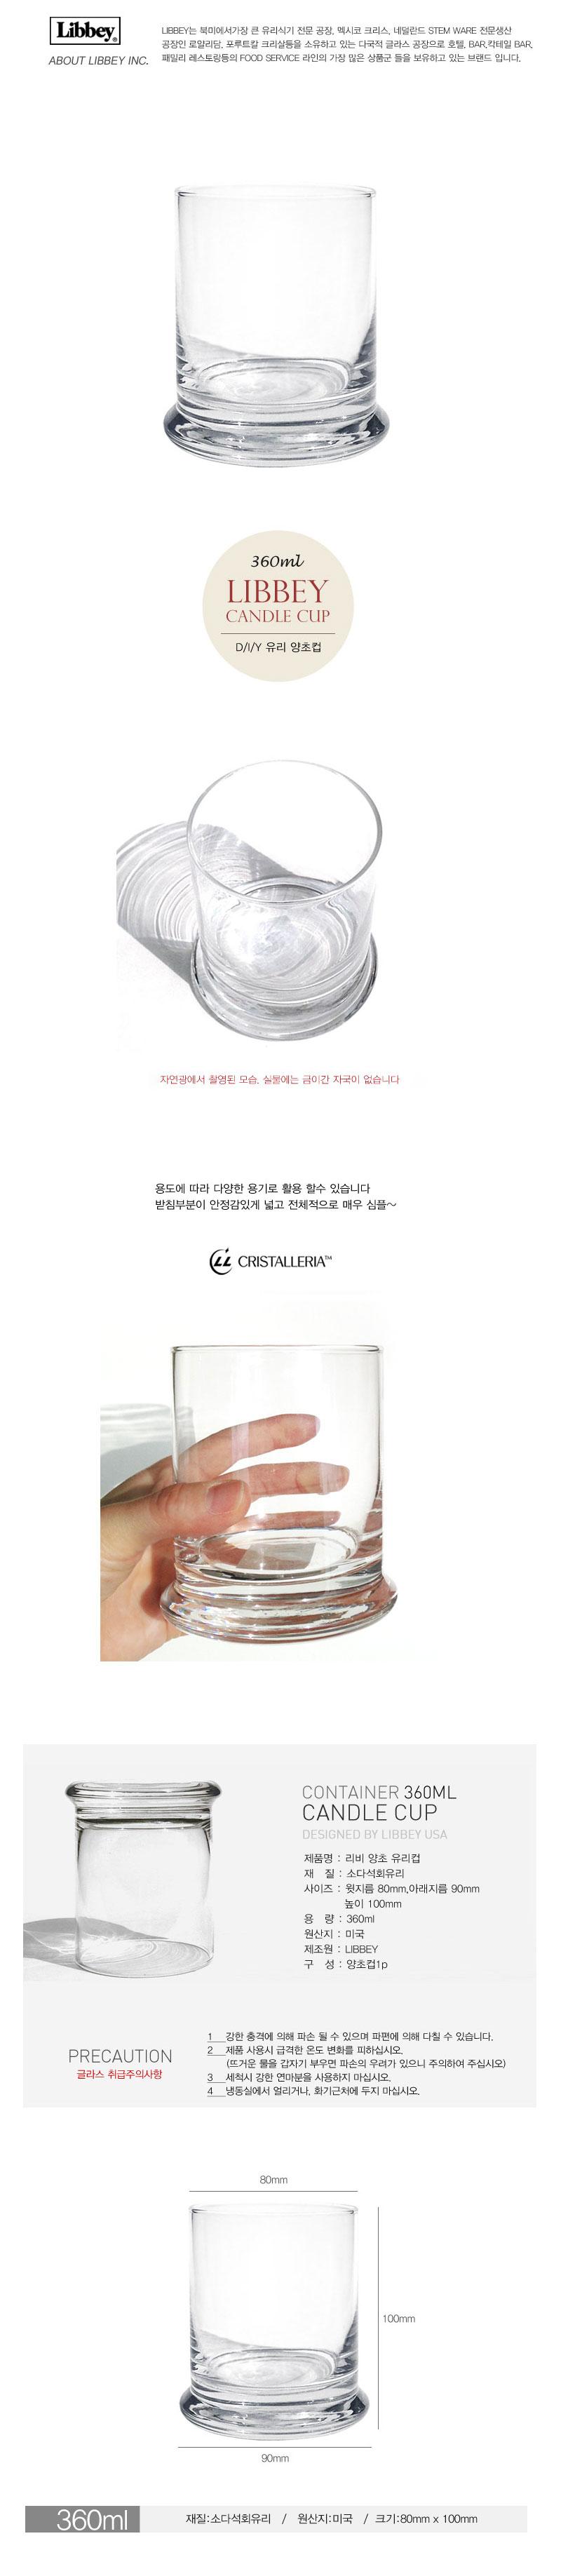 리비 양초용기 유리컵 360ml 1P - 재미있는생활, 3,300원, 유리컵/술잔, 유리컵